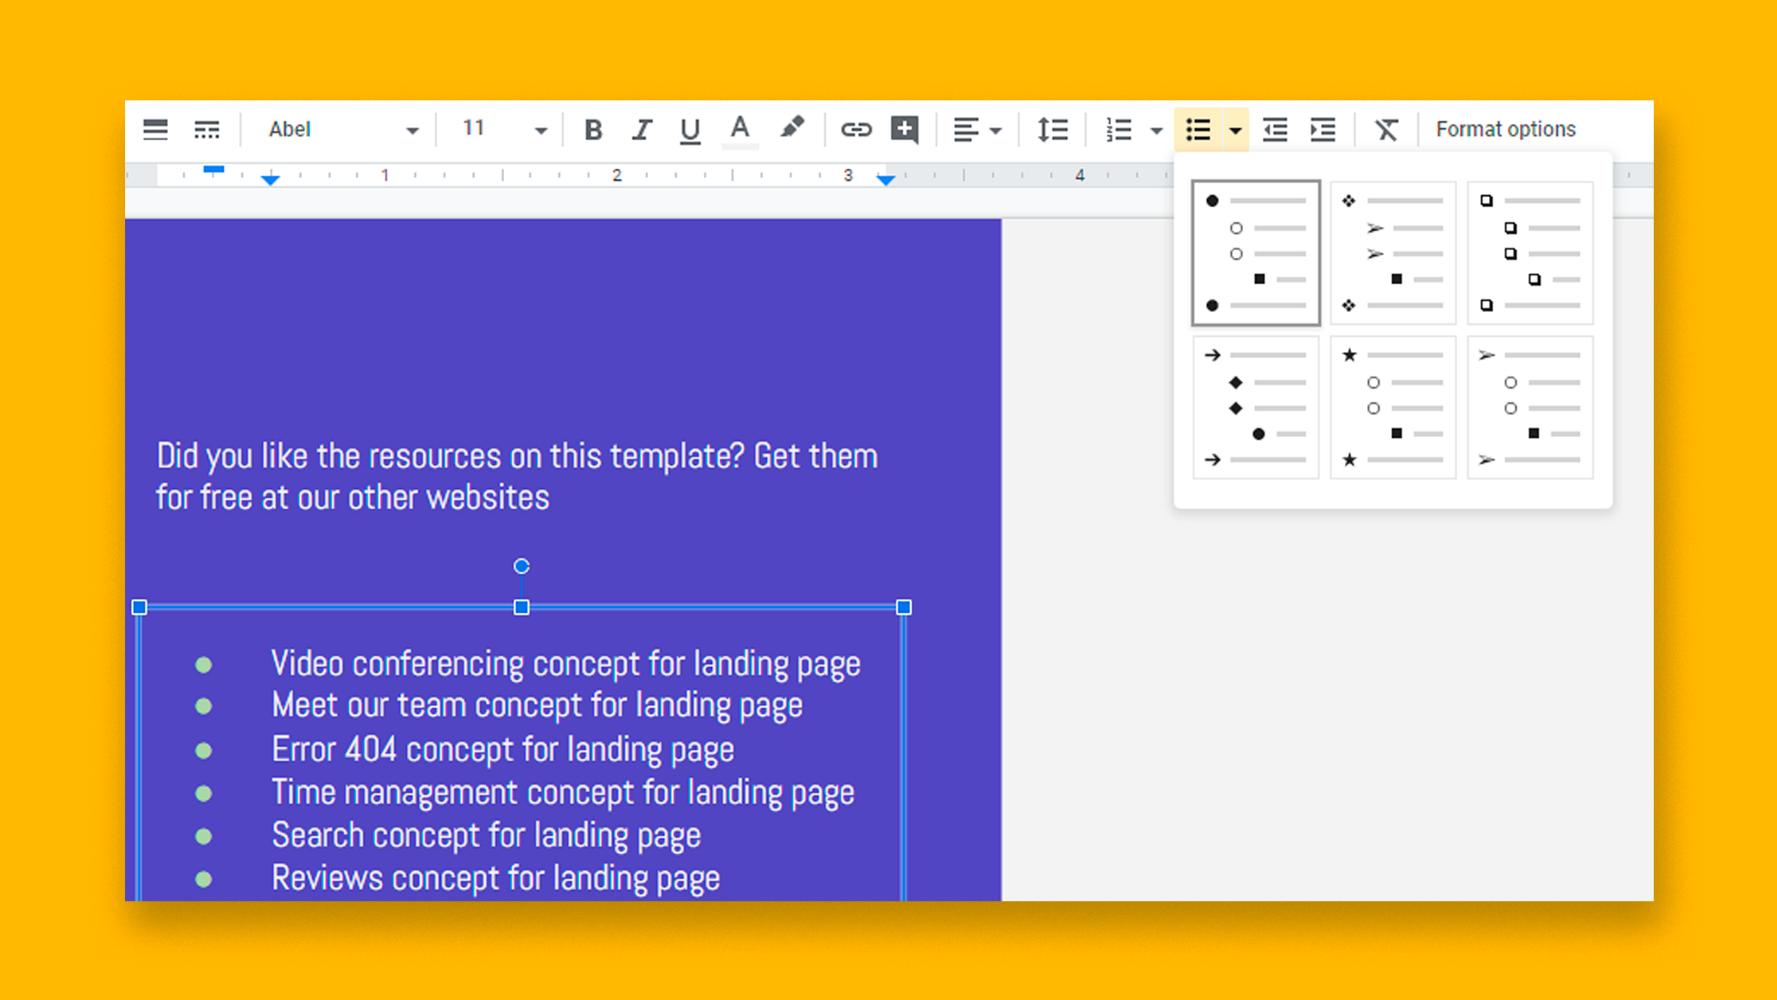 نحوه اضافه کردن لیست بولت یا شماره گذاری شده در اسلایدهای Google |  نکات سریع و آموزش برای ارائه های خود